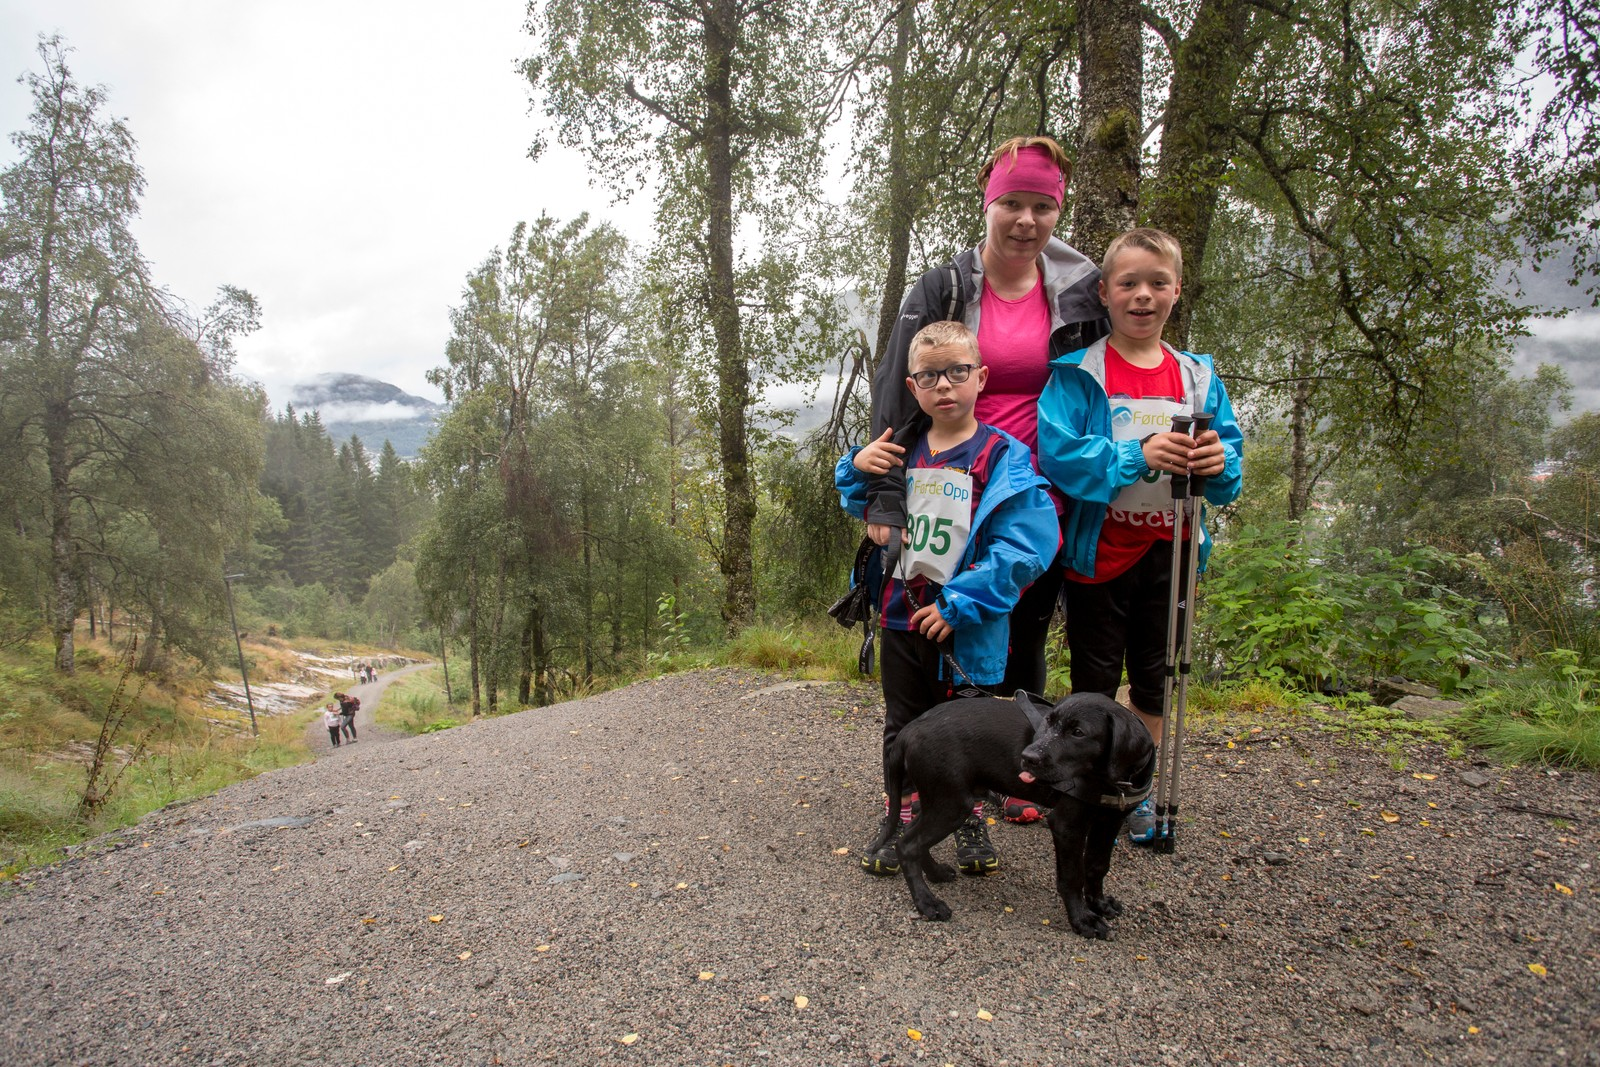 Sivert (6) og Mathias (9) tok med mamma Helene Sæterdal og kvalpen på tur i skodda.